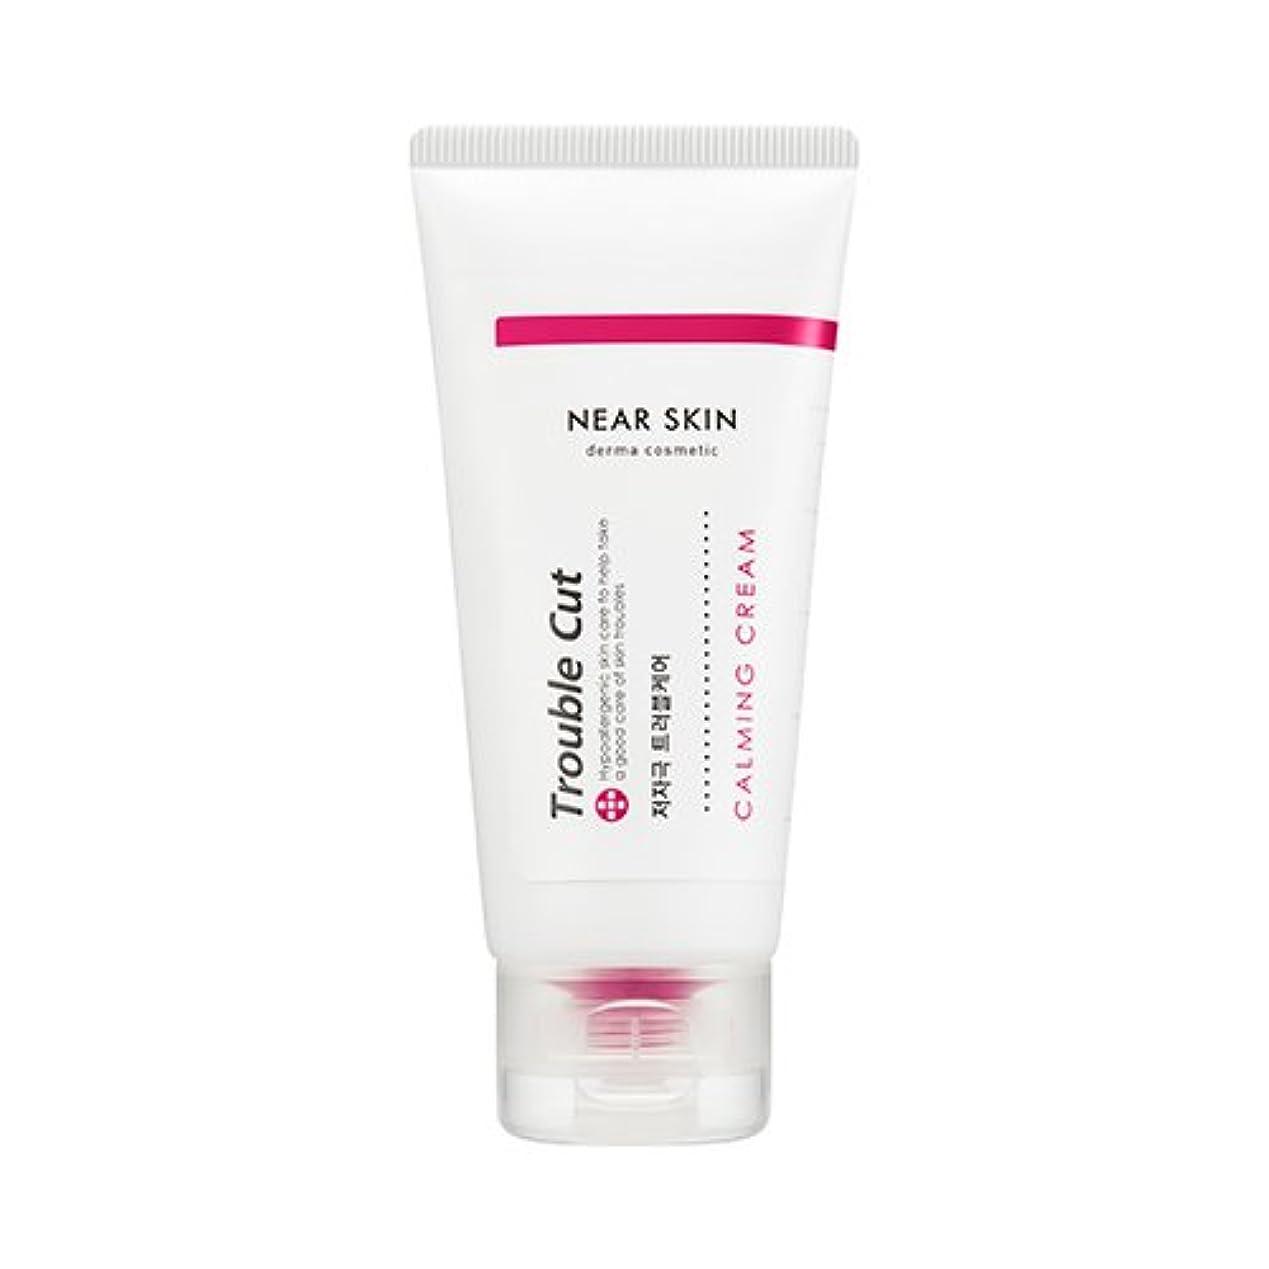 天才豚巻き取りMISSHA [Near Skin] Trouble Cut Calming Cream 20ml / ミシャ ニアスキン トラブルカットカミングクリーム [並行輸入品]